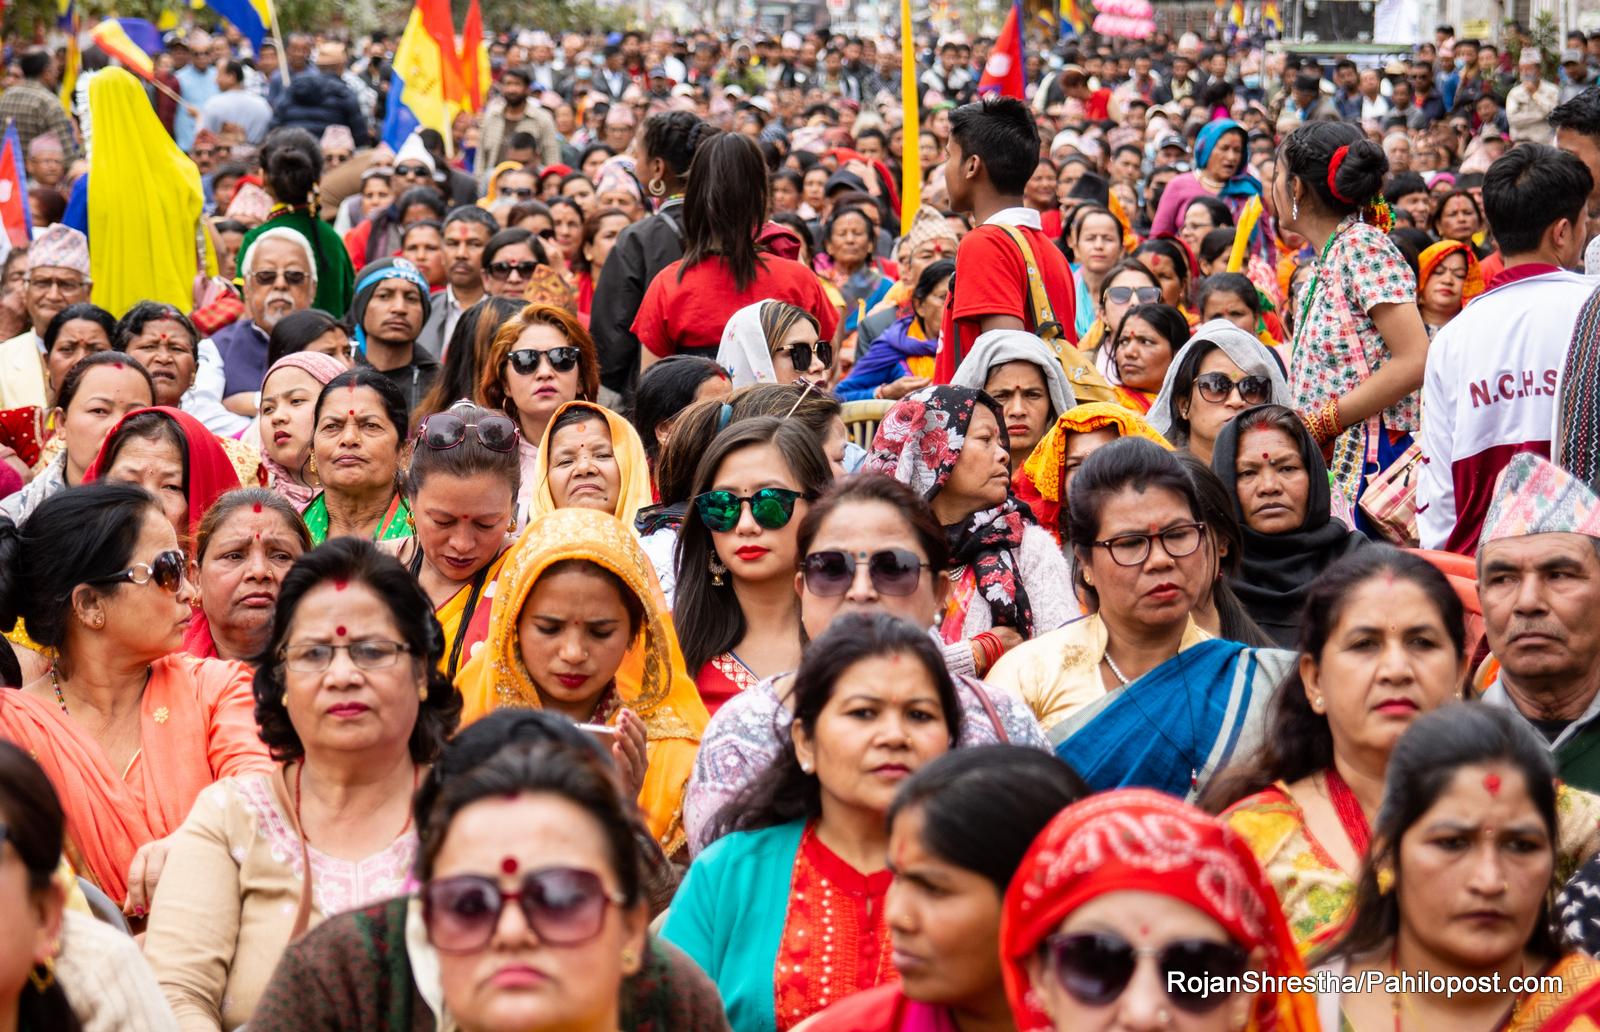 हिन्दु राष्ट्रको अभियान बोकेको राप्रपाको सभाका हेर्नुस् दर्शनीय दृश्य